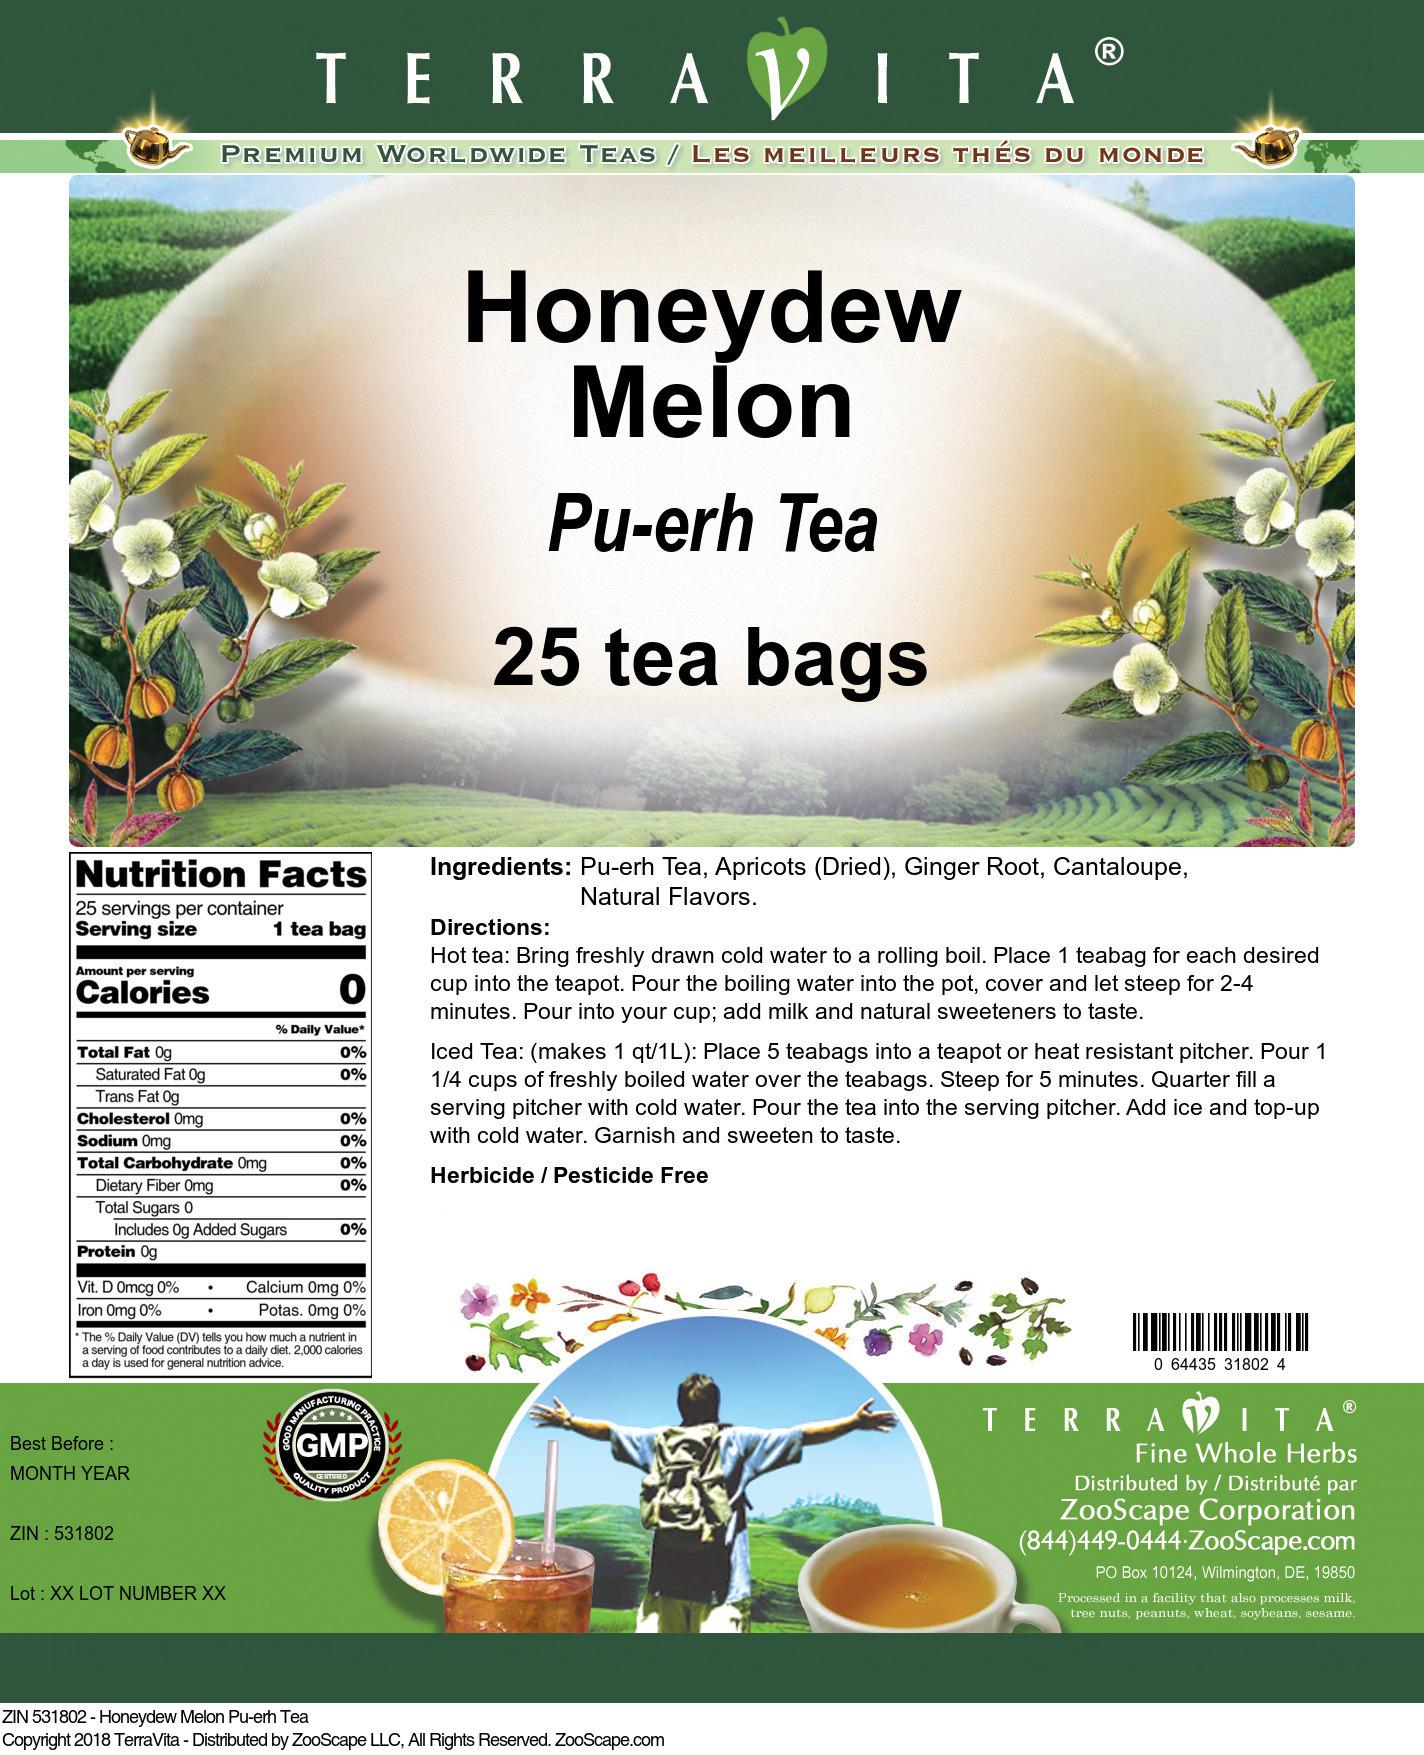 Honeydew Melon Pu-erh Tea